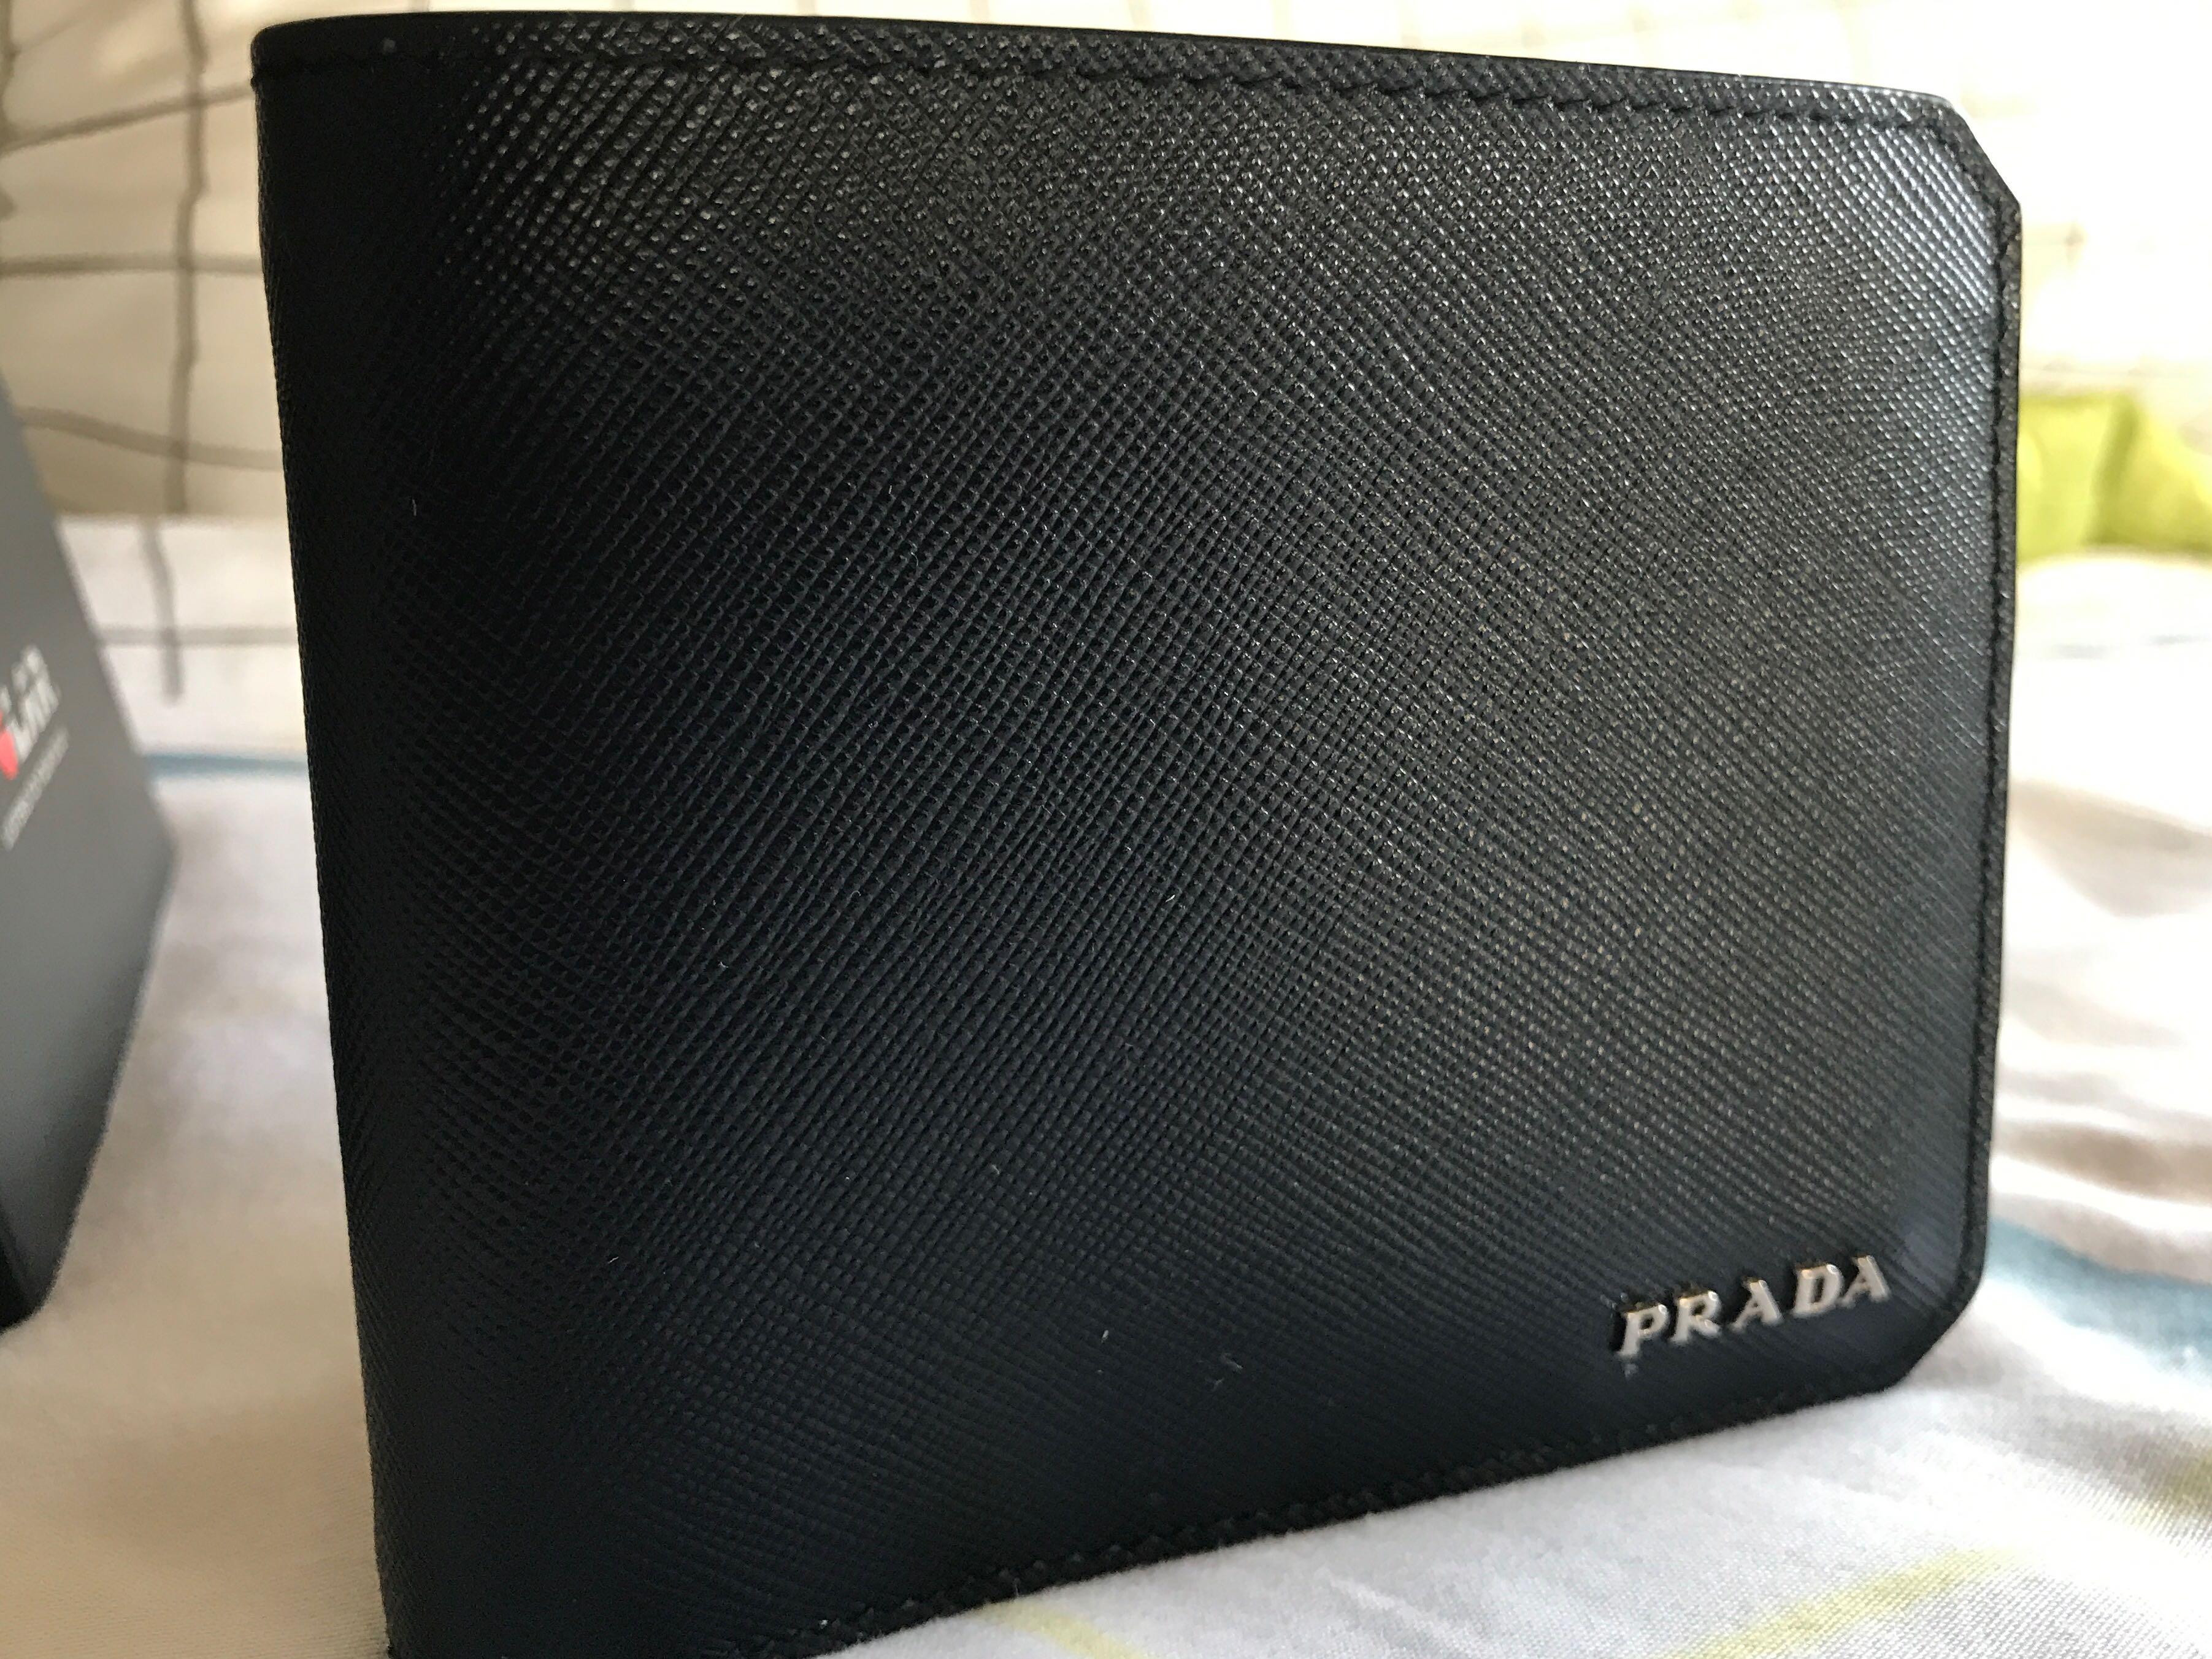 78462b0c3dd0 Prada men bi-fold wallet, Men's Fashion, Bags & Wallets, Wallets on ...